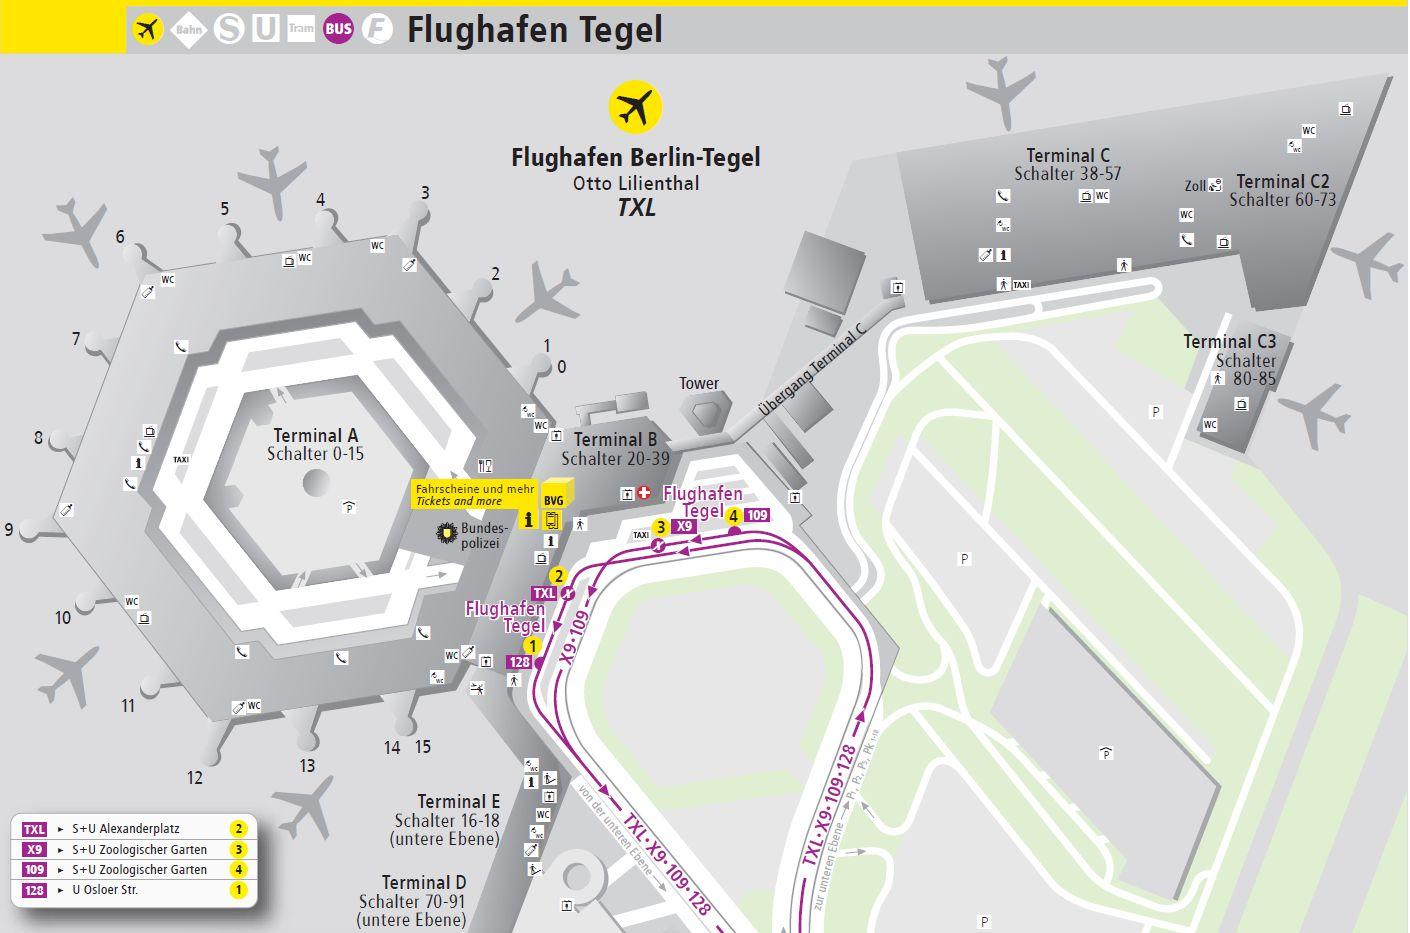 Anfahrt Flughafen Tegel